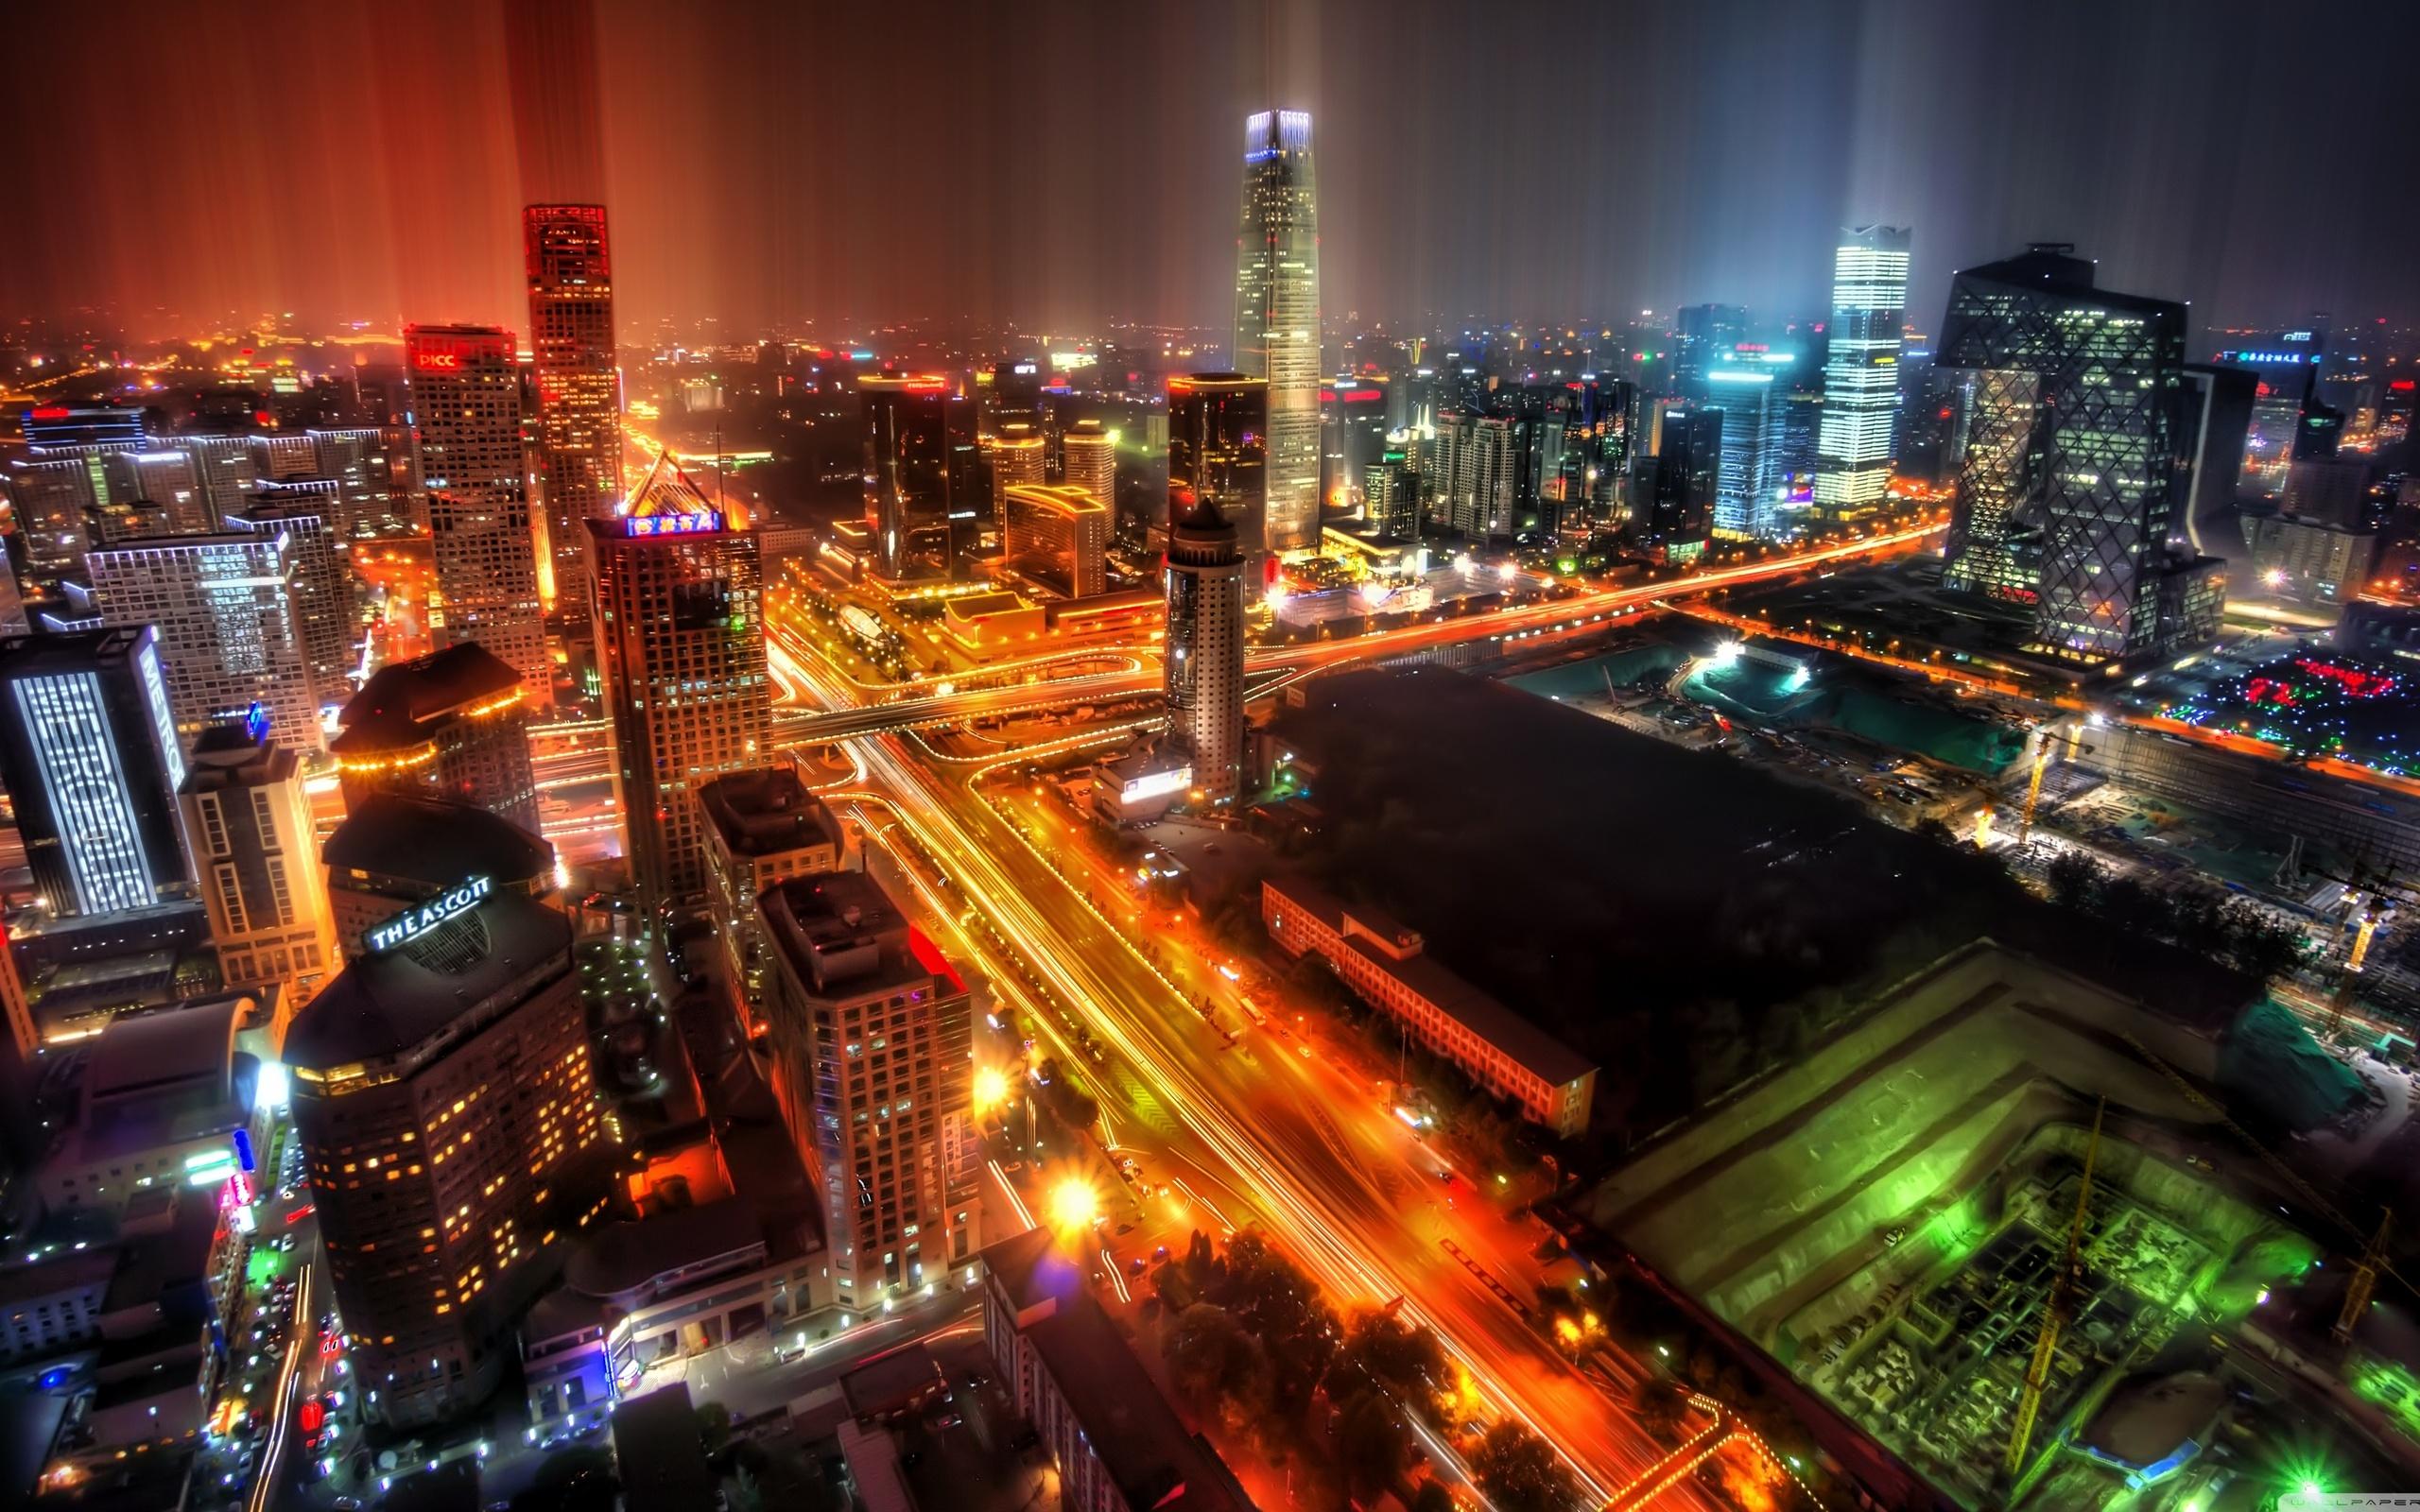 downtown-beijing-after-rain-4k-sz.jpg